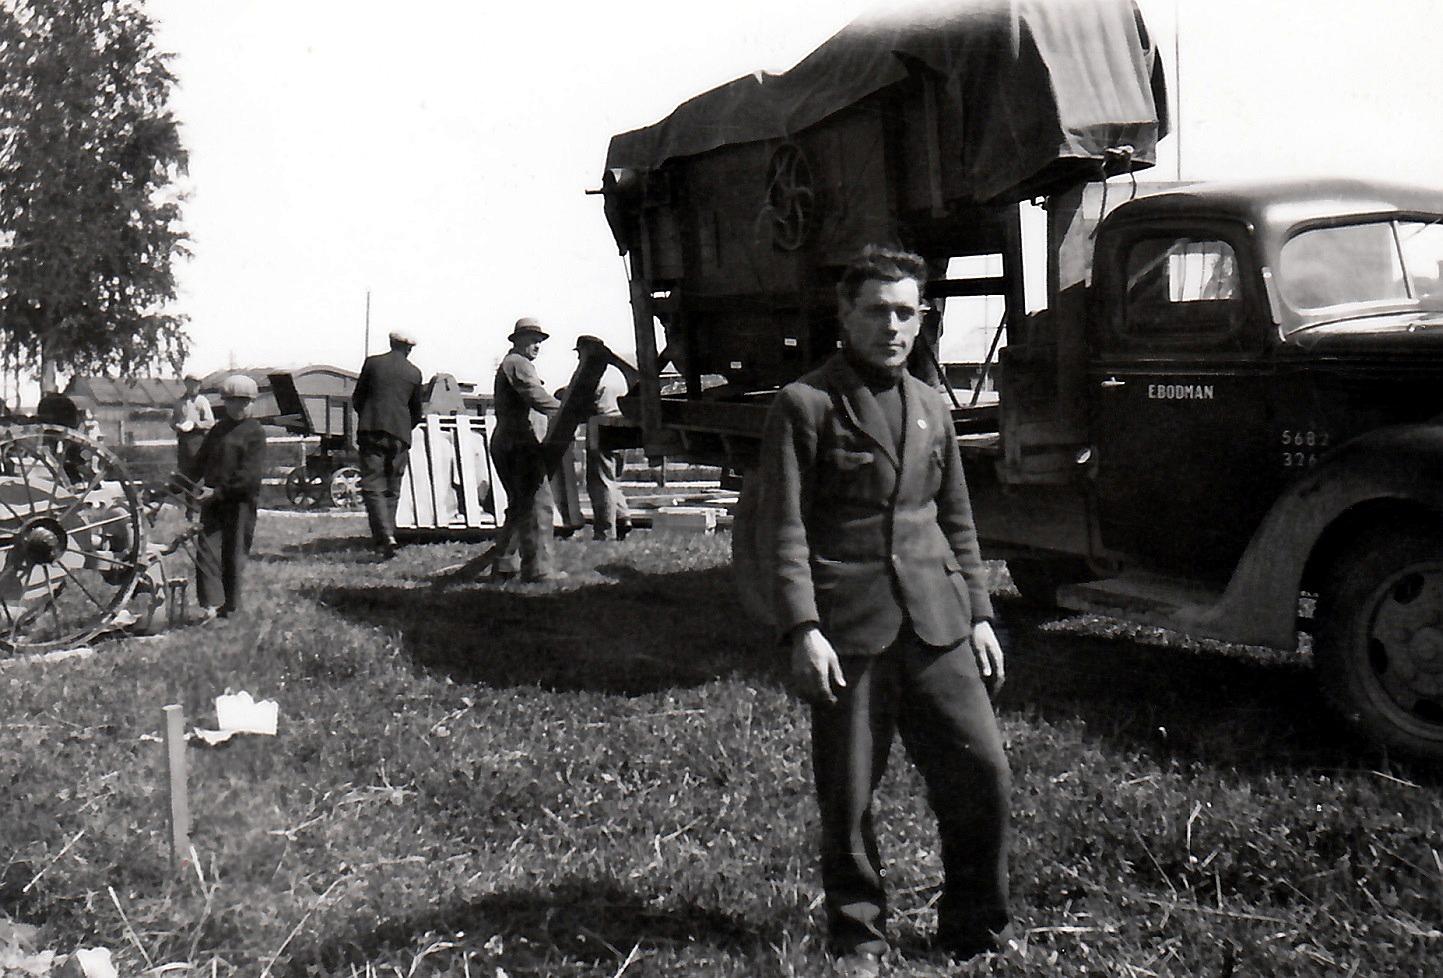 År 1938 var det en stor lantbruksutställning i Lappfjärd och här står Alfred Solfvin framför en lastbil som transporterar någonting som ser ut som ett tröskverk. Foto Selim Björses, Österbottens Traditionsarkiv.